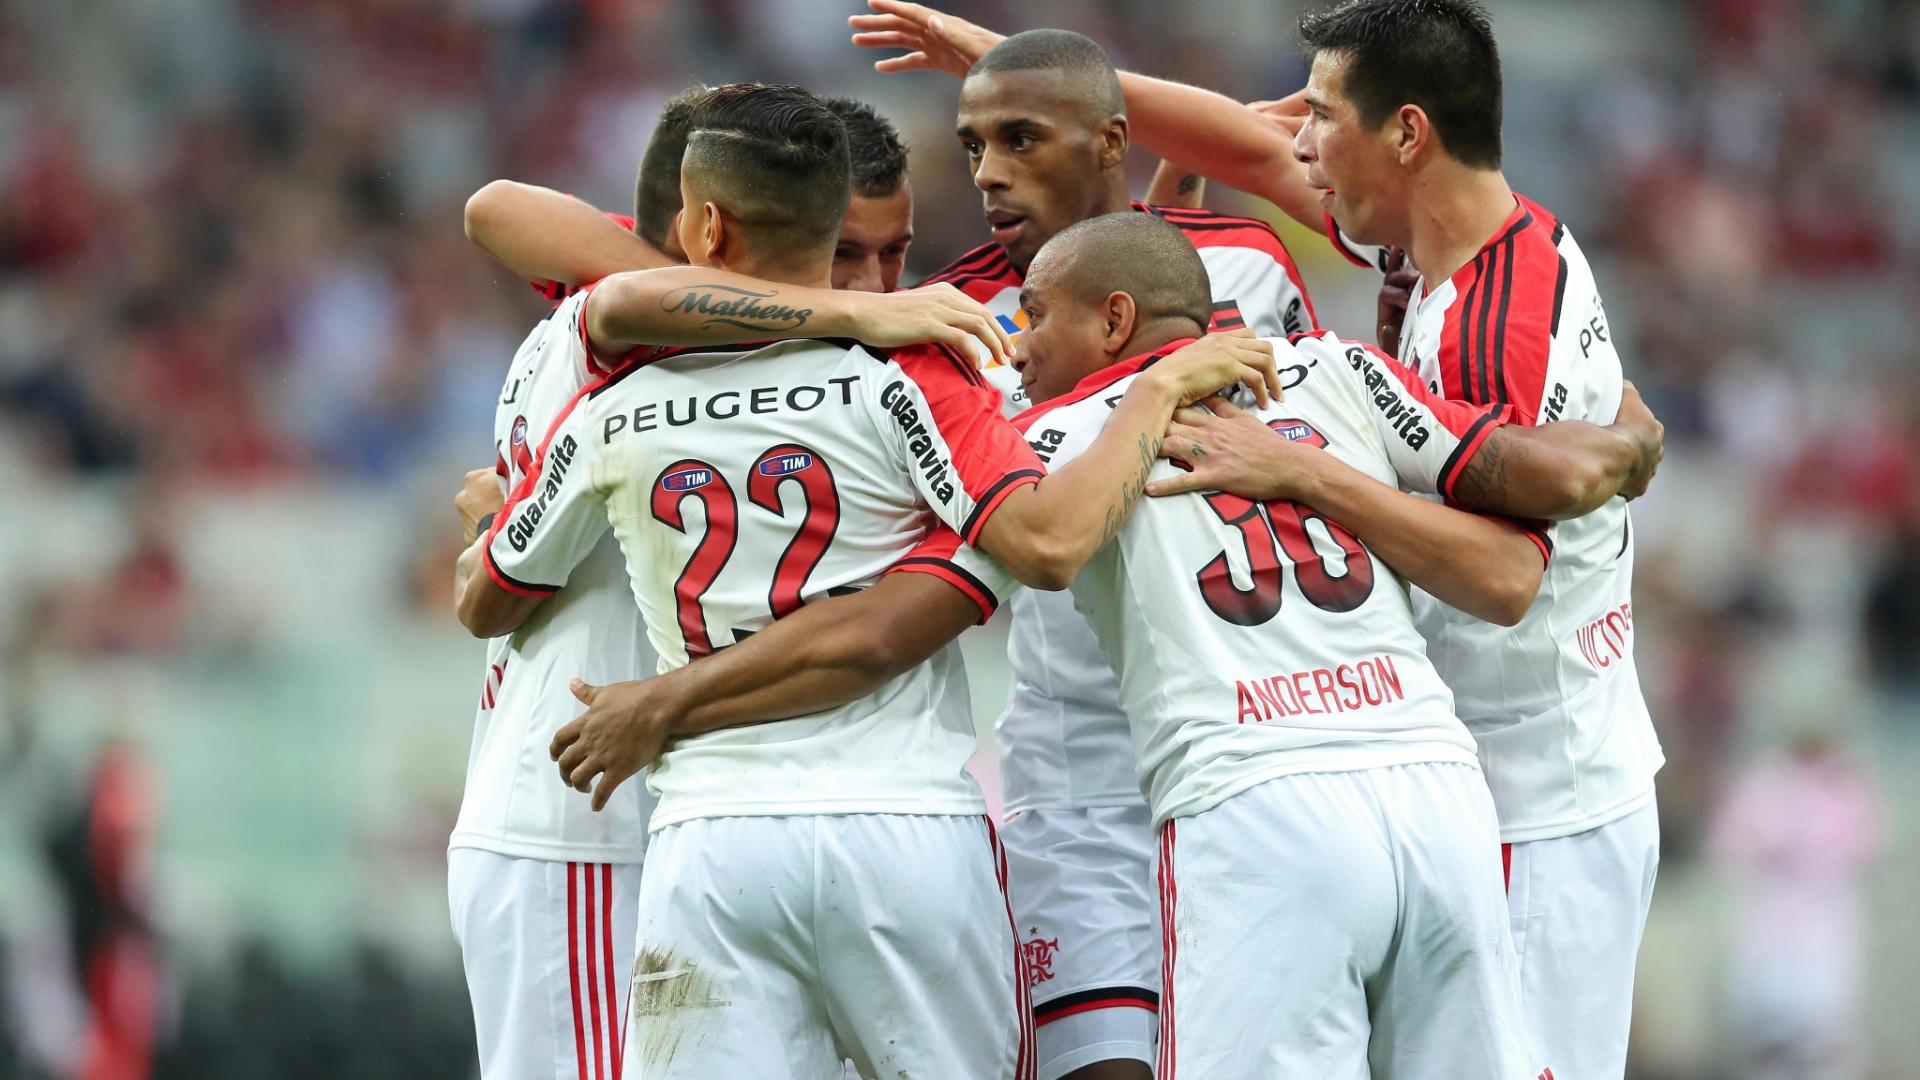 Jogadores do Flamengo comemoram o gol de Everton no primeiro tempo em Curitiba